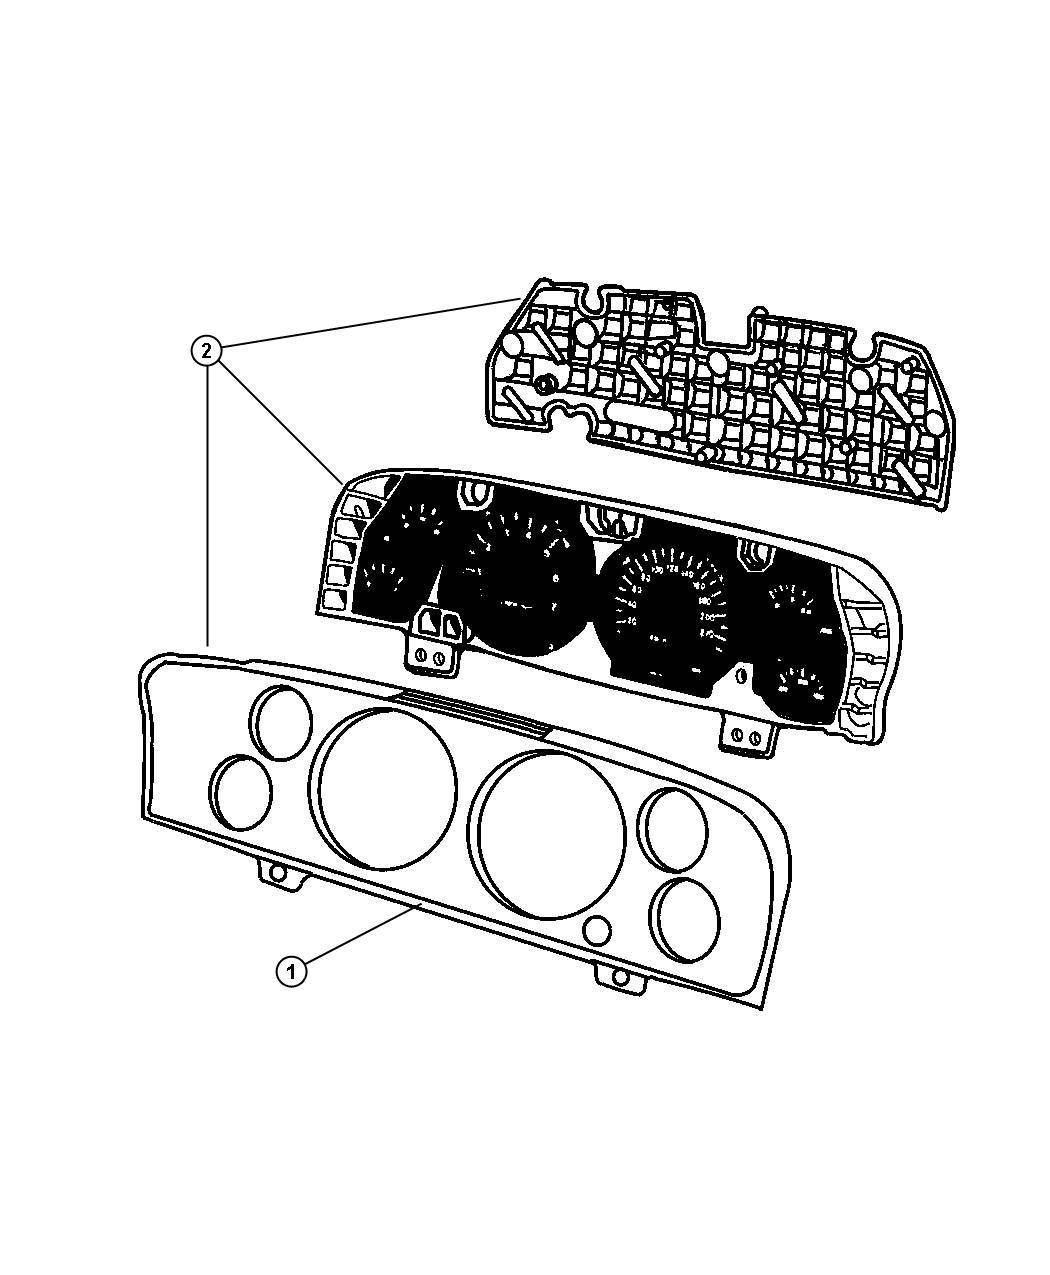 Jeep Undercarriage Lighting   Wiring Diagram Database on wrangler wheels, wrangler throttle body, wrangler heater core, wrangler headlights, wrangler hood, wrangler suspension, wrangler accessories, wrangler mirrors, wrangler fenders, wrangler bumpers, wrangler antenna, wrangler lights,